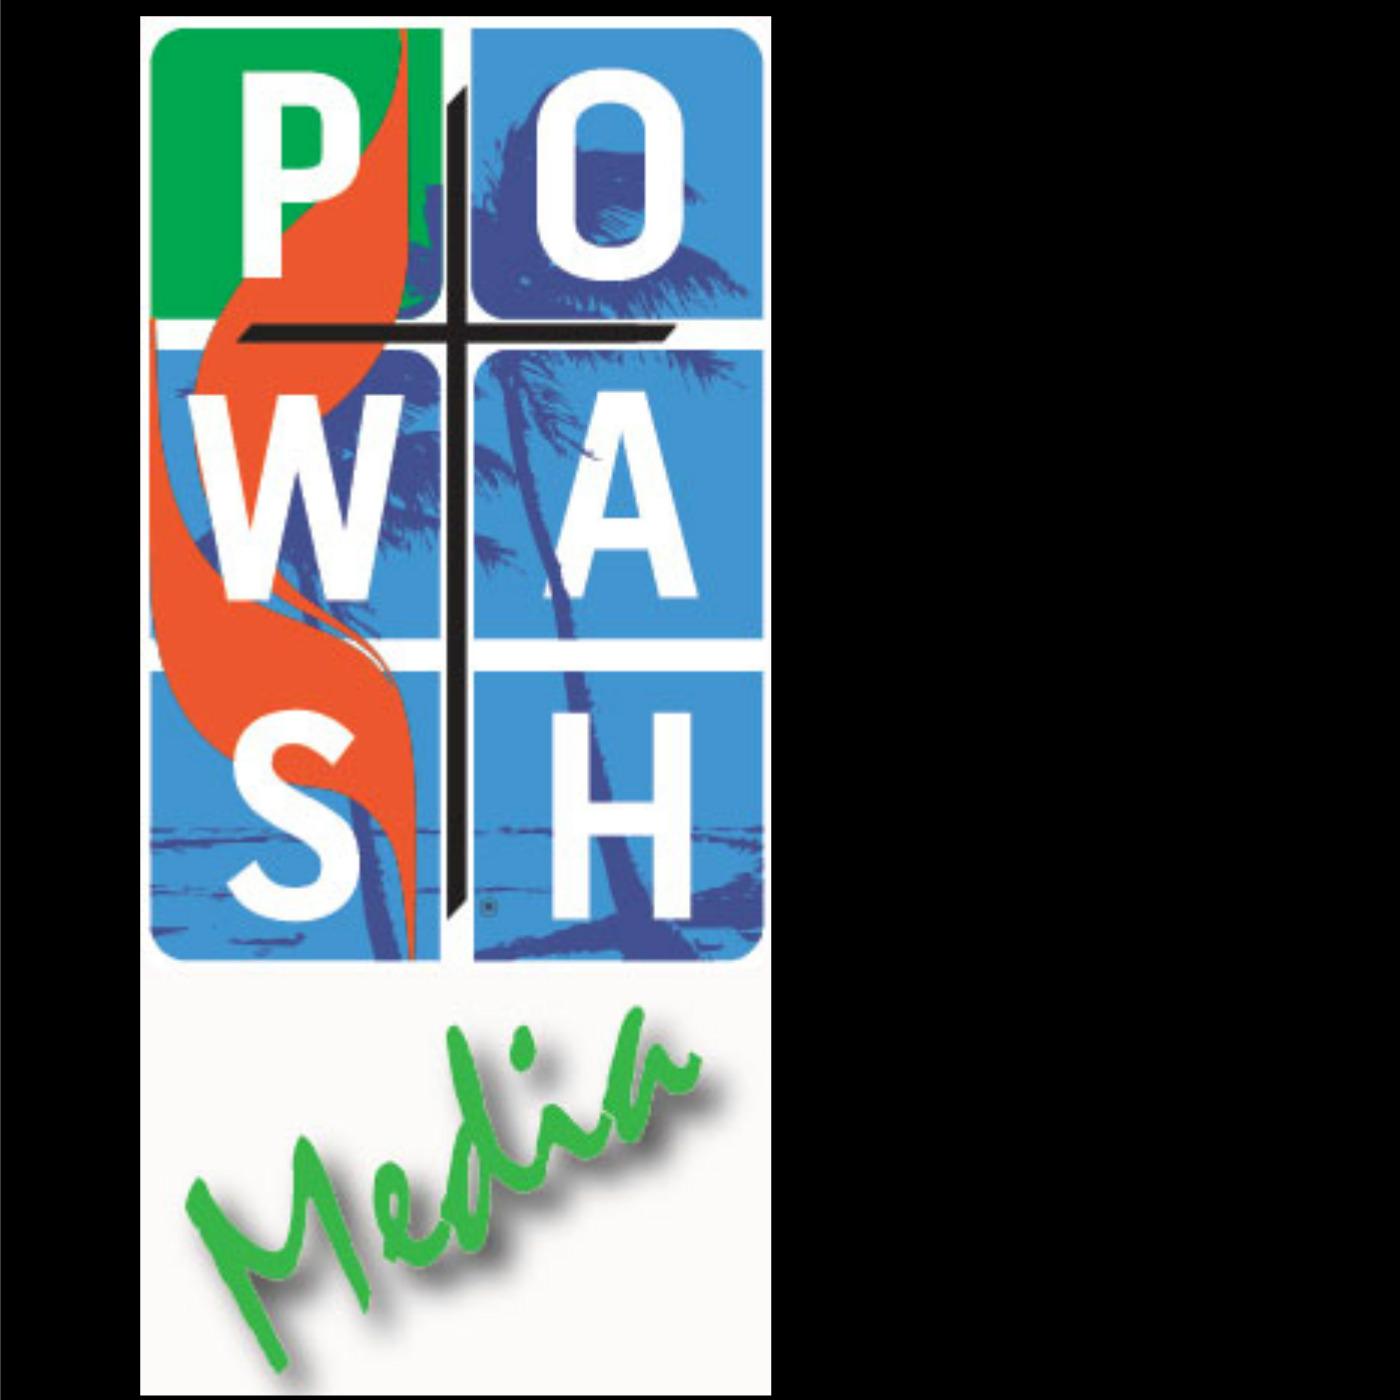 @POWASH